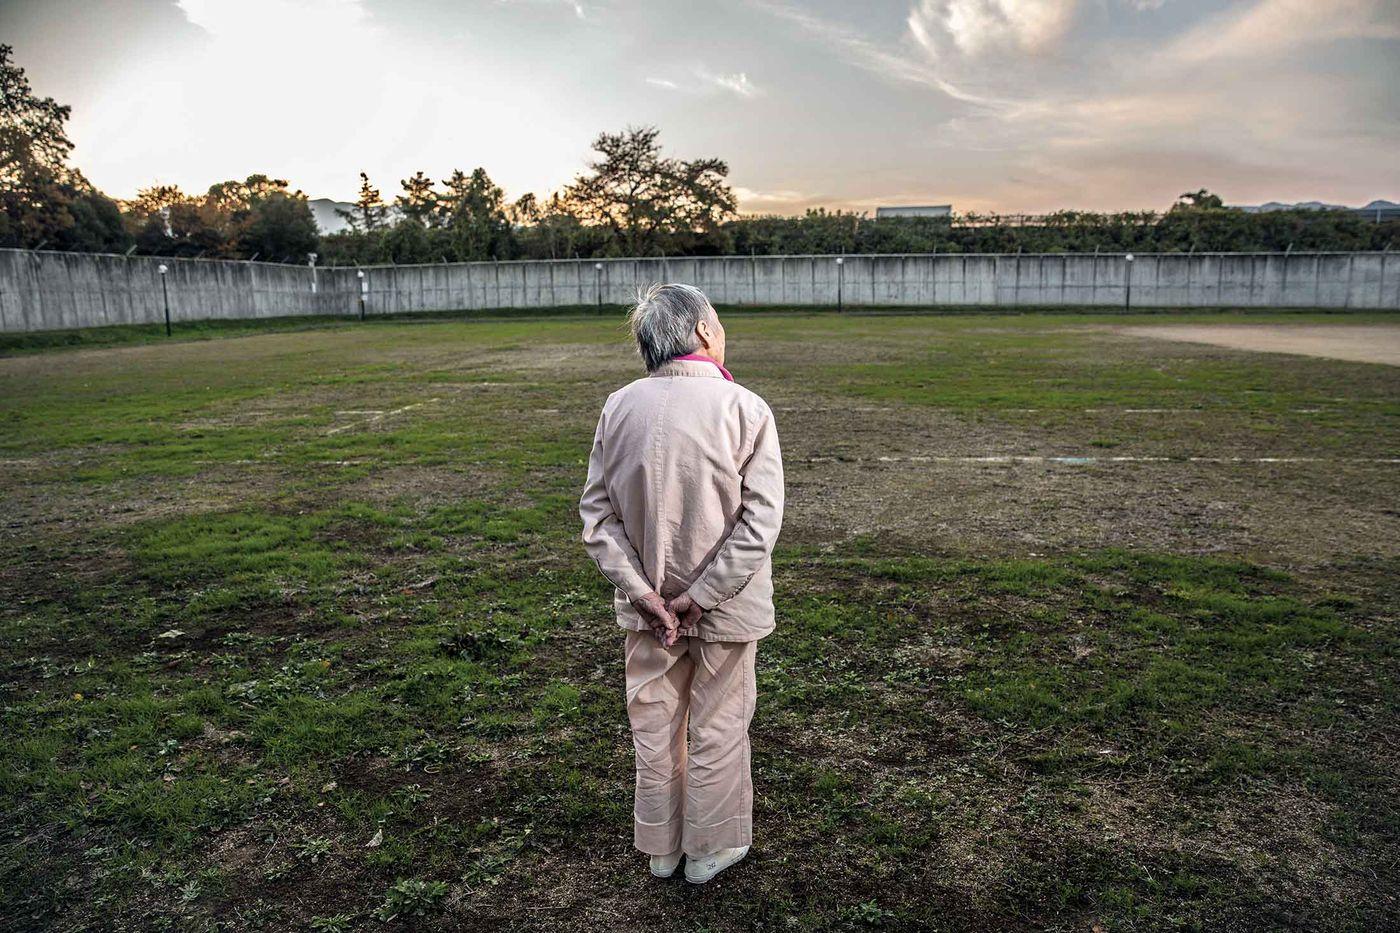 Почему пожилые люди в Японии намеренно совершают мелкие преступления и хотят попасть в тюрьму